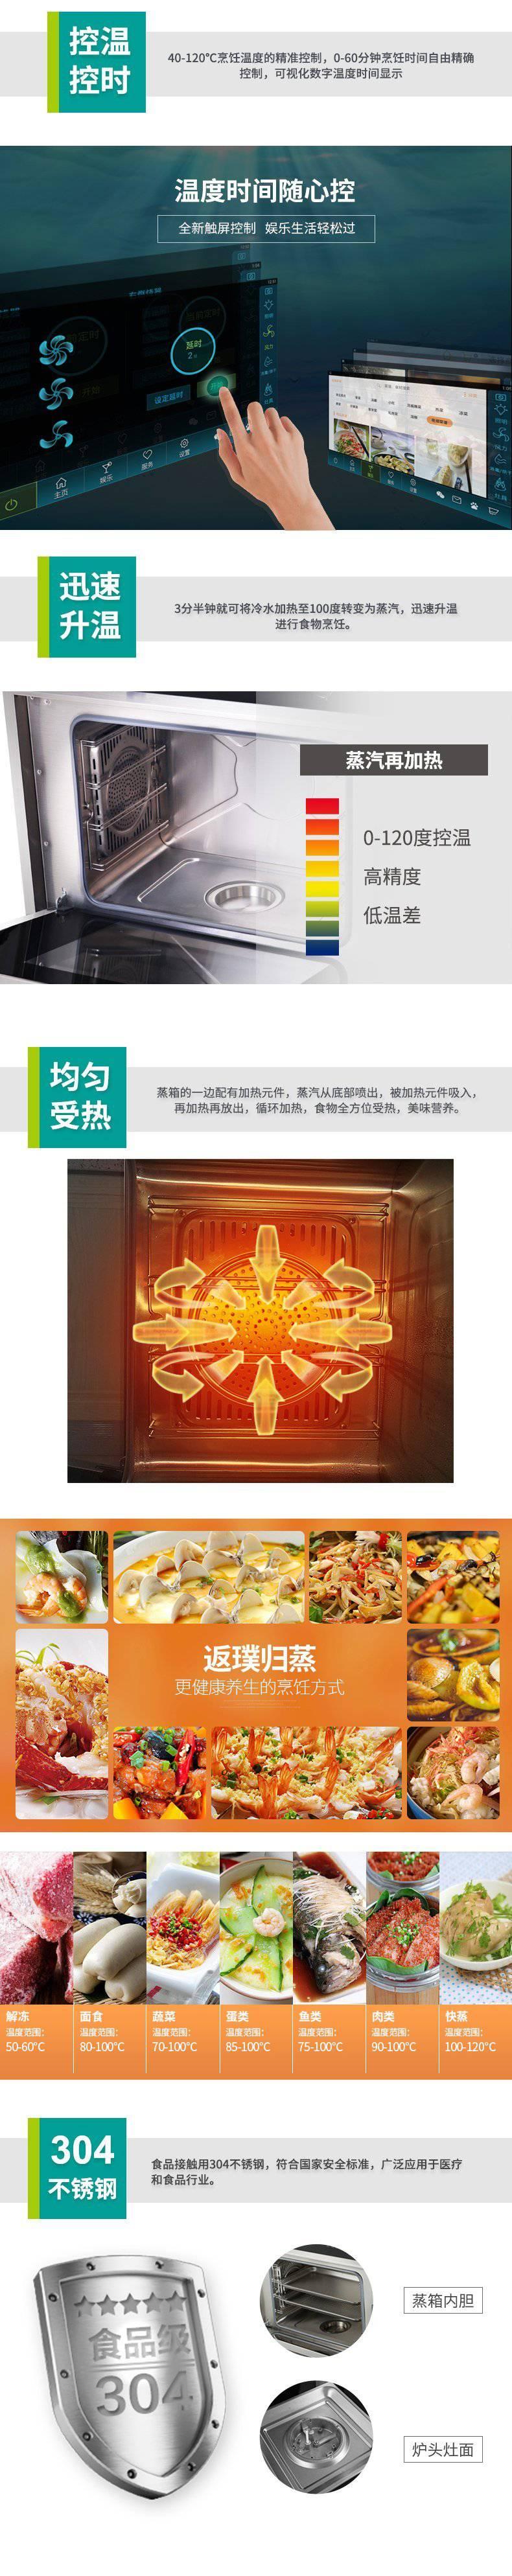 帅丰集成灶图片 GTS-9B-90智成者高端系列烟灶消集成环保灶装修效果图